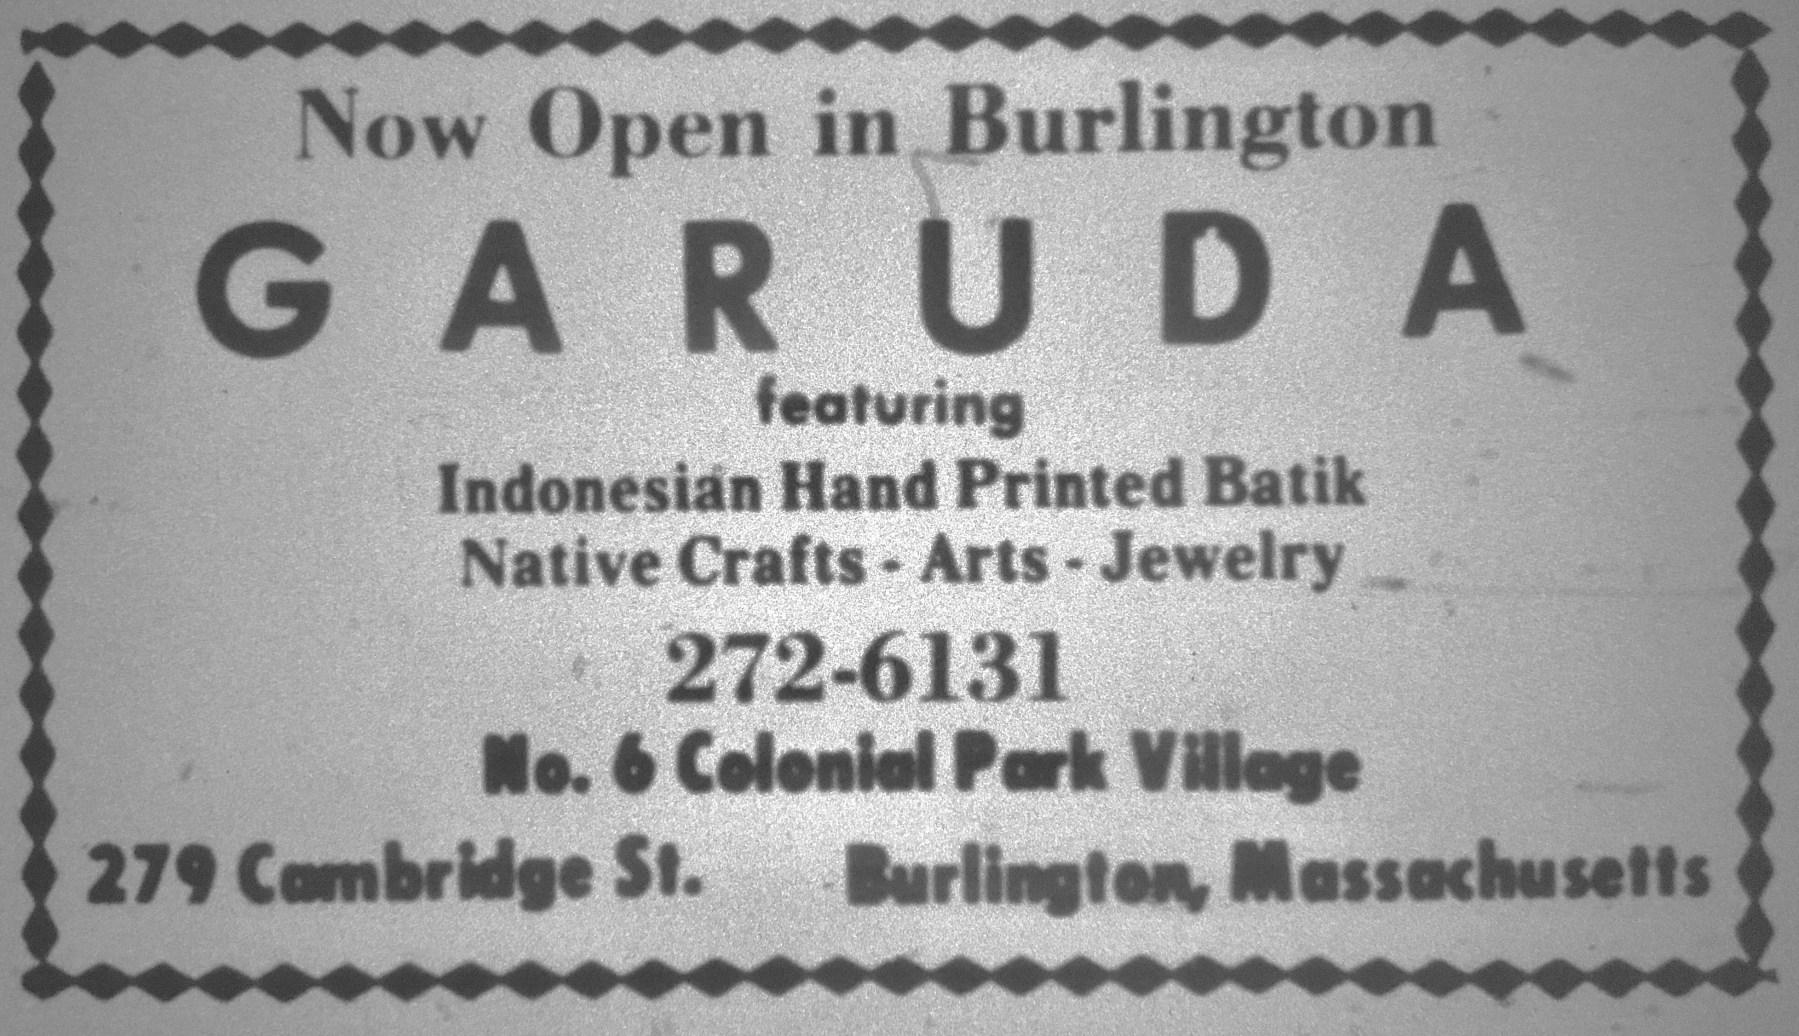 Garuda, Burlington MA